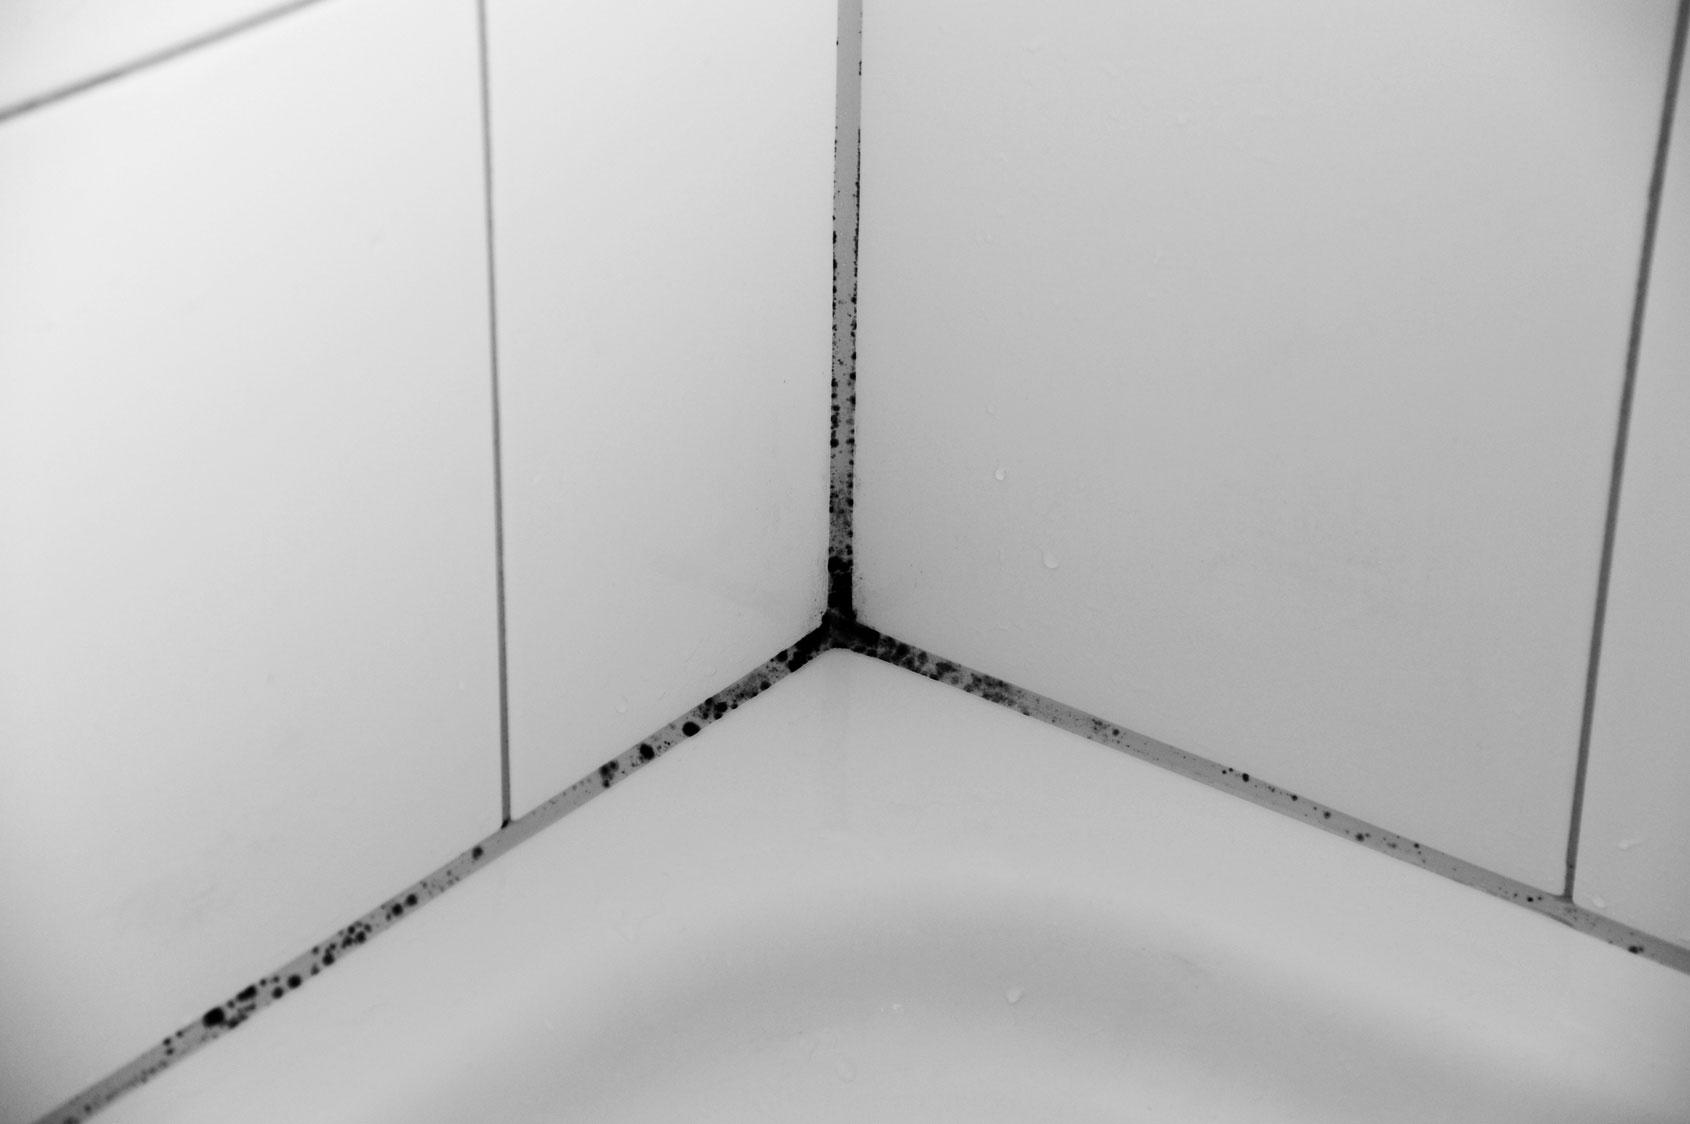 Full Size of Fensterfugen Erneuern Silikonfugen Perfekt Ziehen Anleitung Bad Fenster Kosten Wohnzimmer Fensterfugen Erneuern